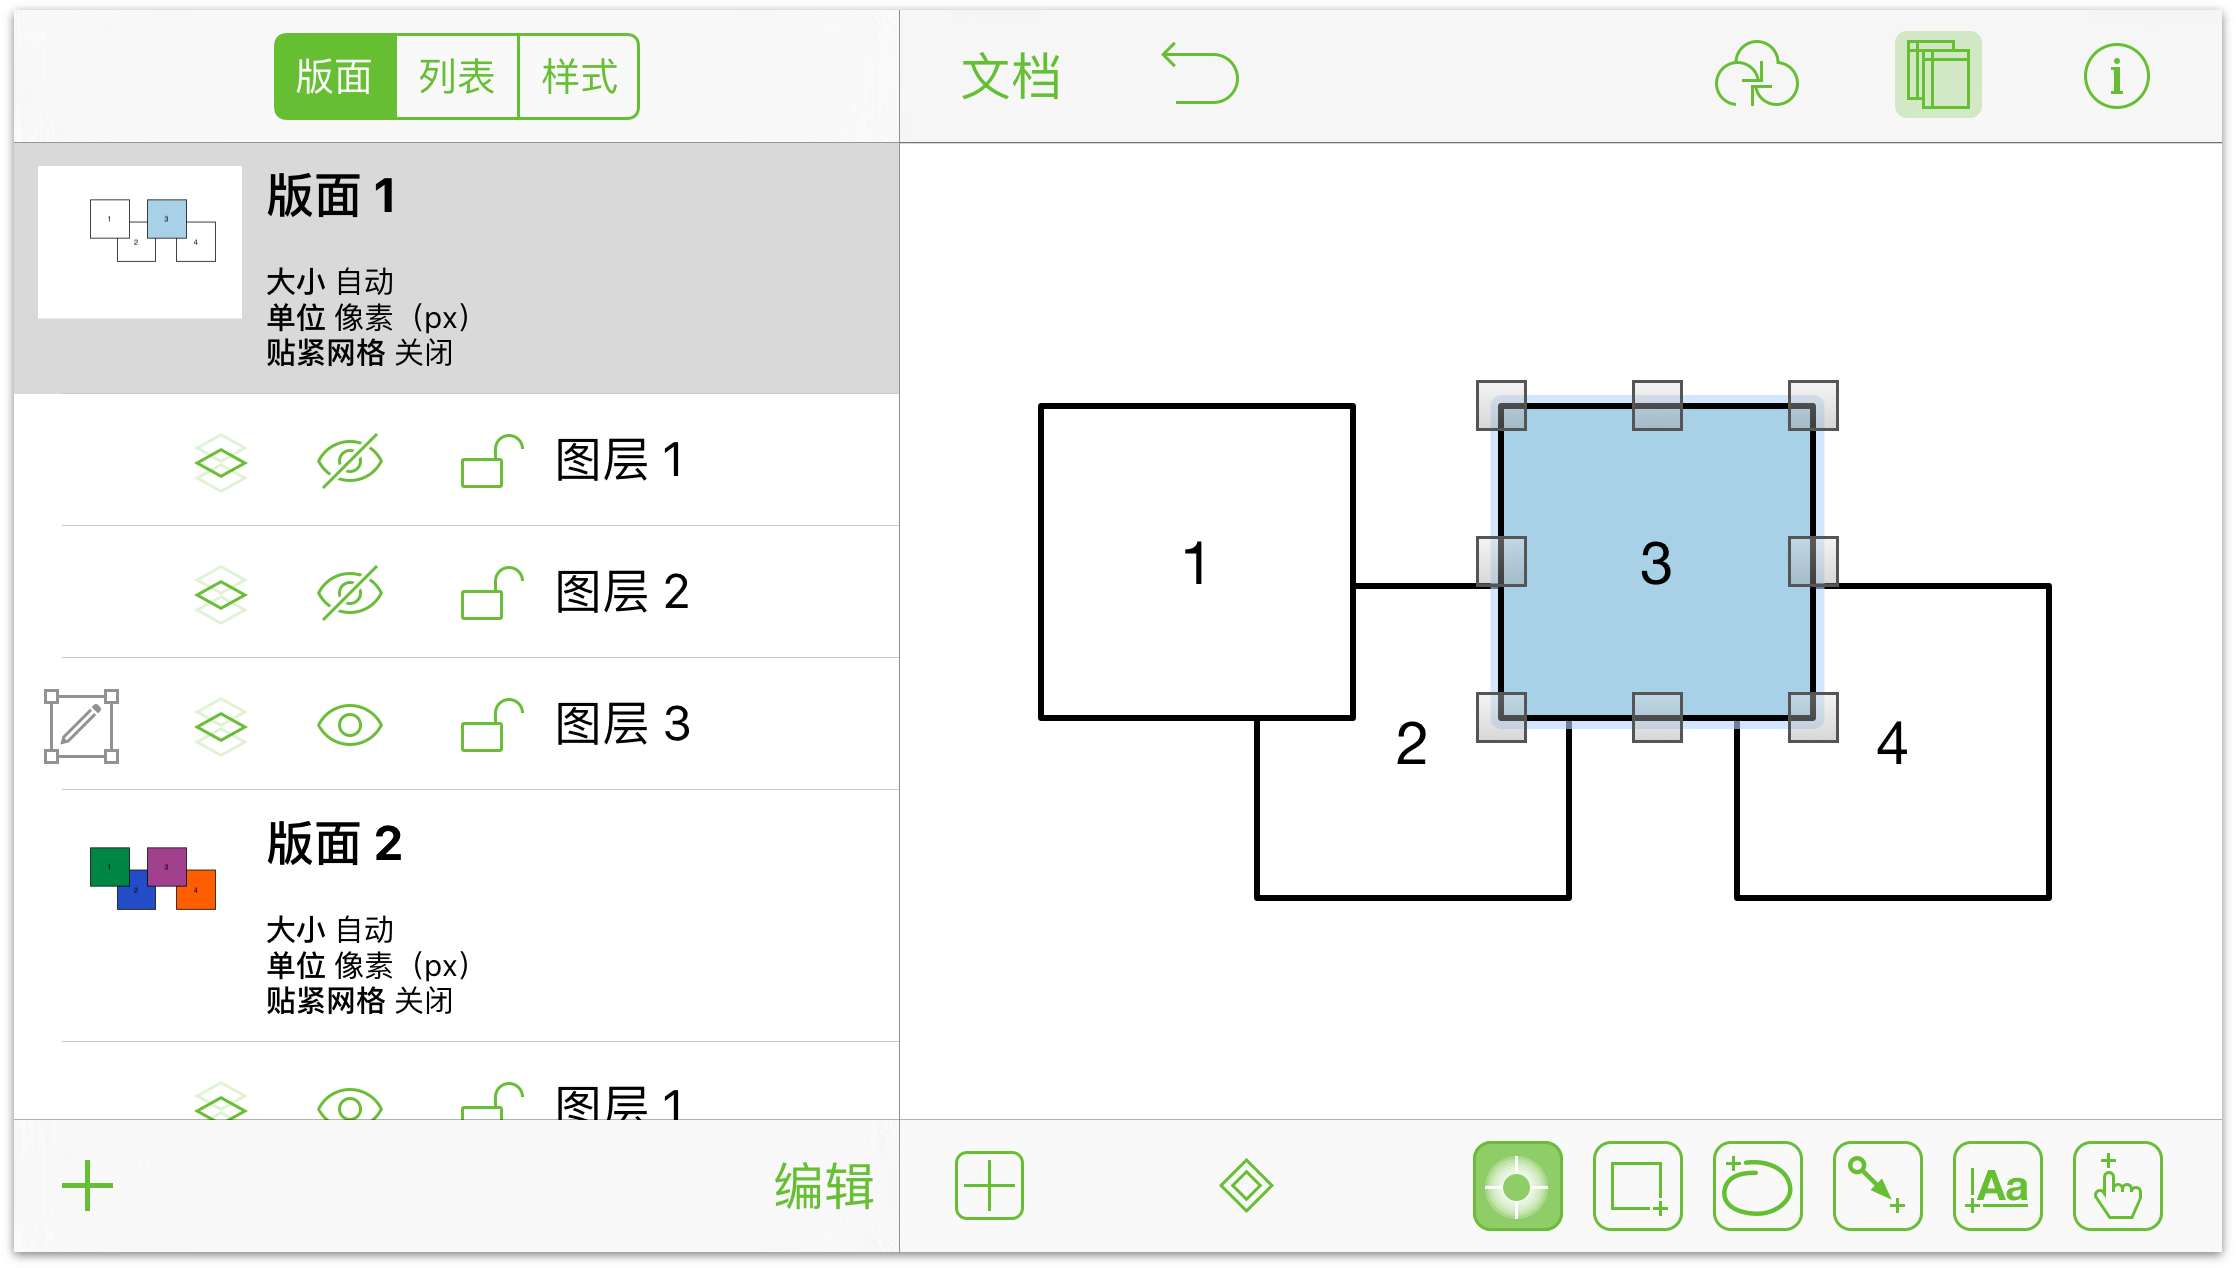 图层 3 上的第三个方块现在用浅蓝色填充